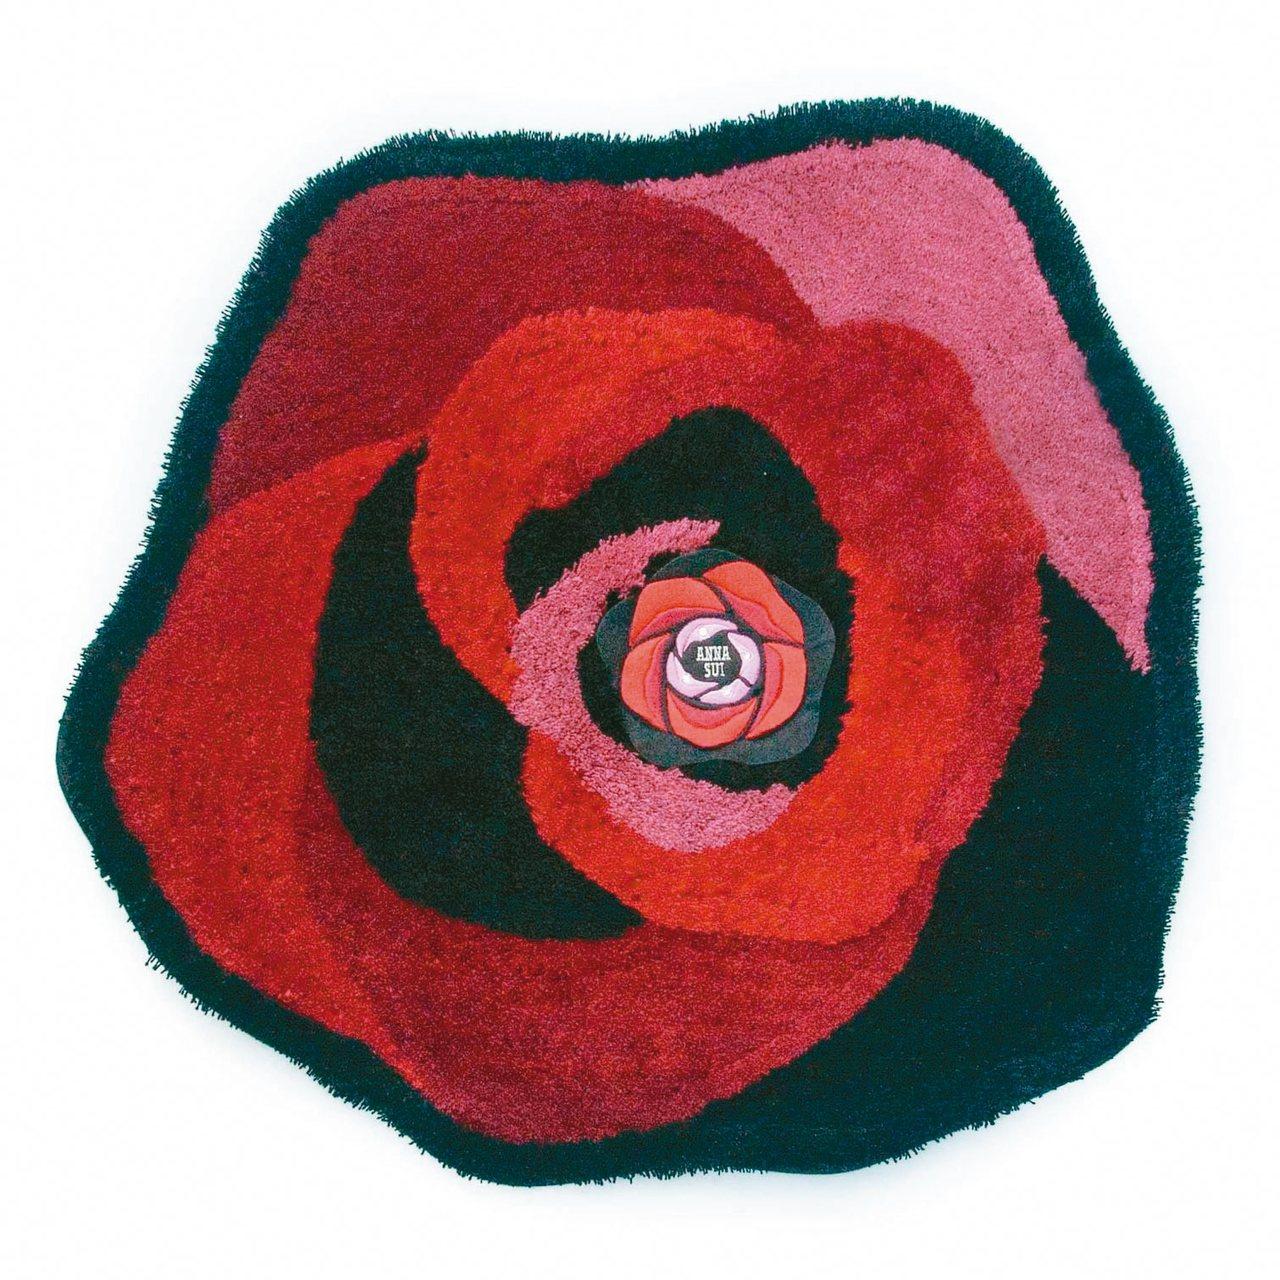 ANNA SUI玫瑰腳踏墊原價2,980元,活動價2,200元。